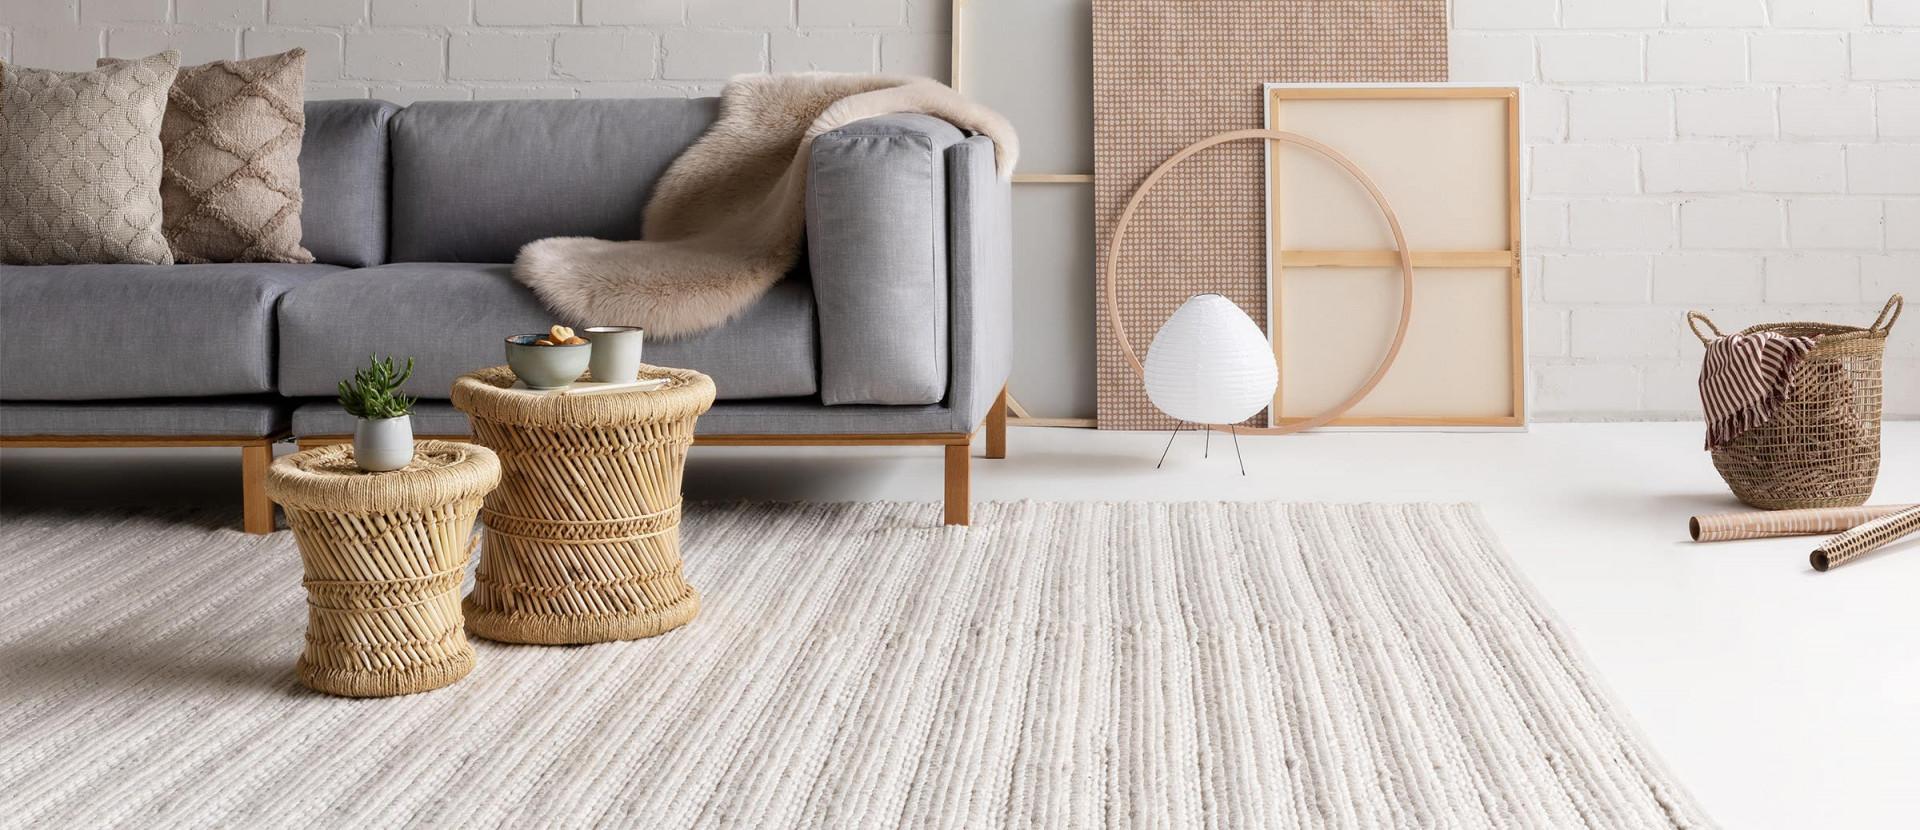 Welcher Teppich Passt Zu Mir  Hilfreiche Tipps von Kleiner Teppich Wohnzimmer Bild